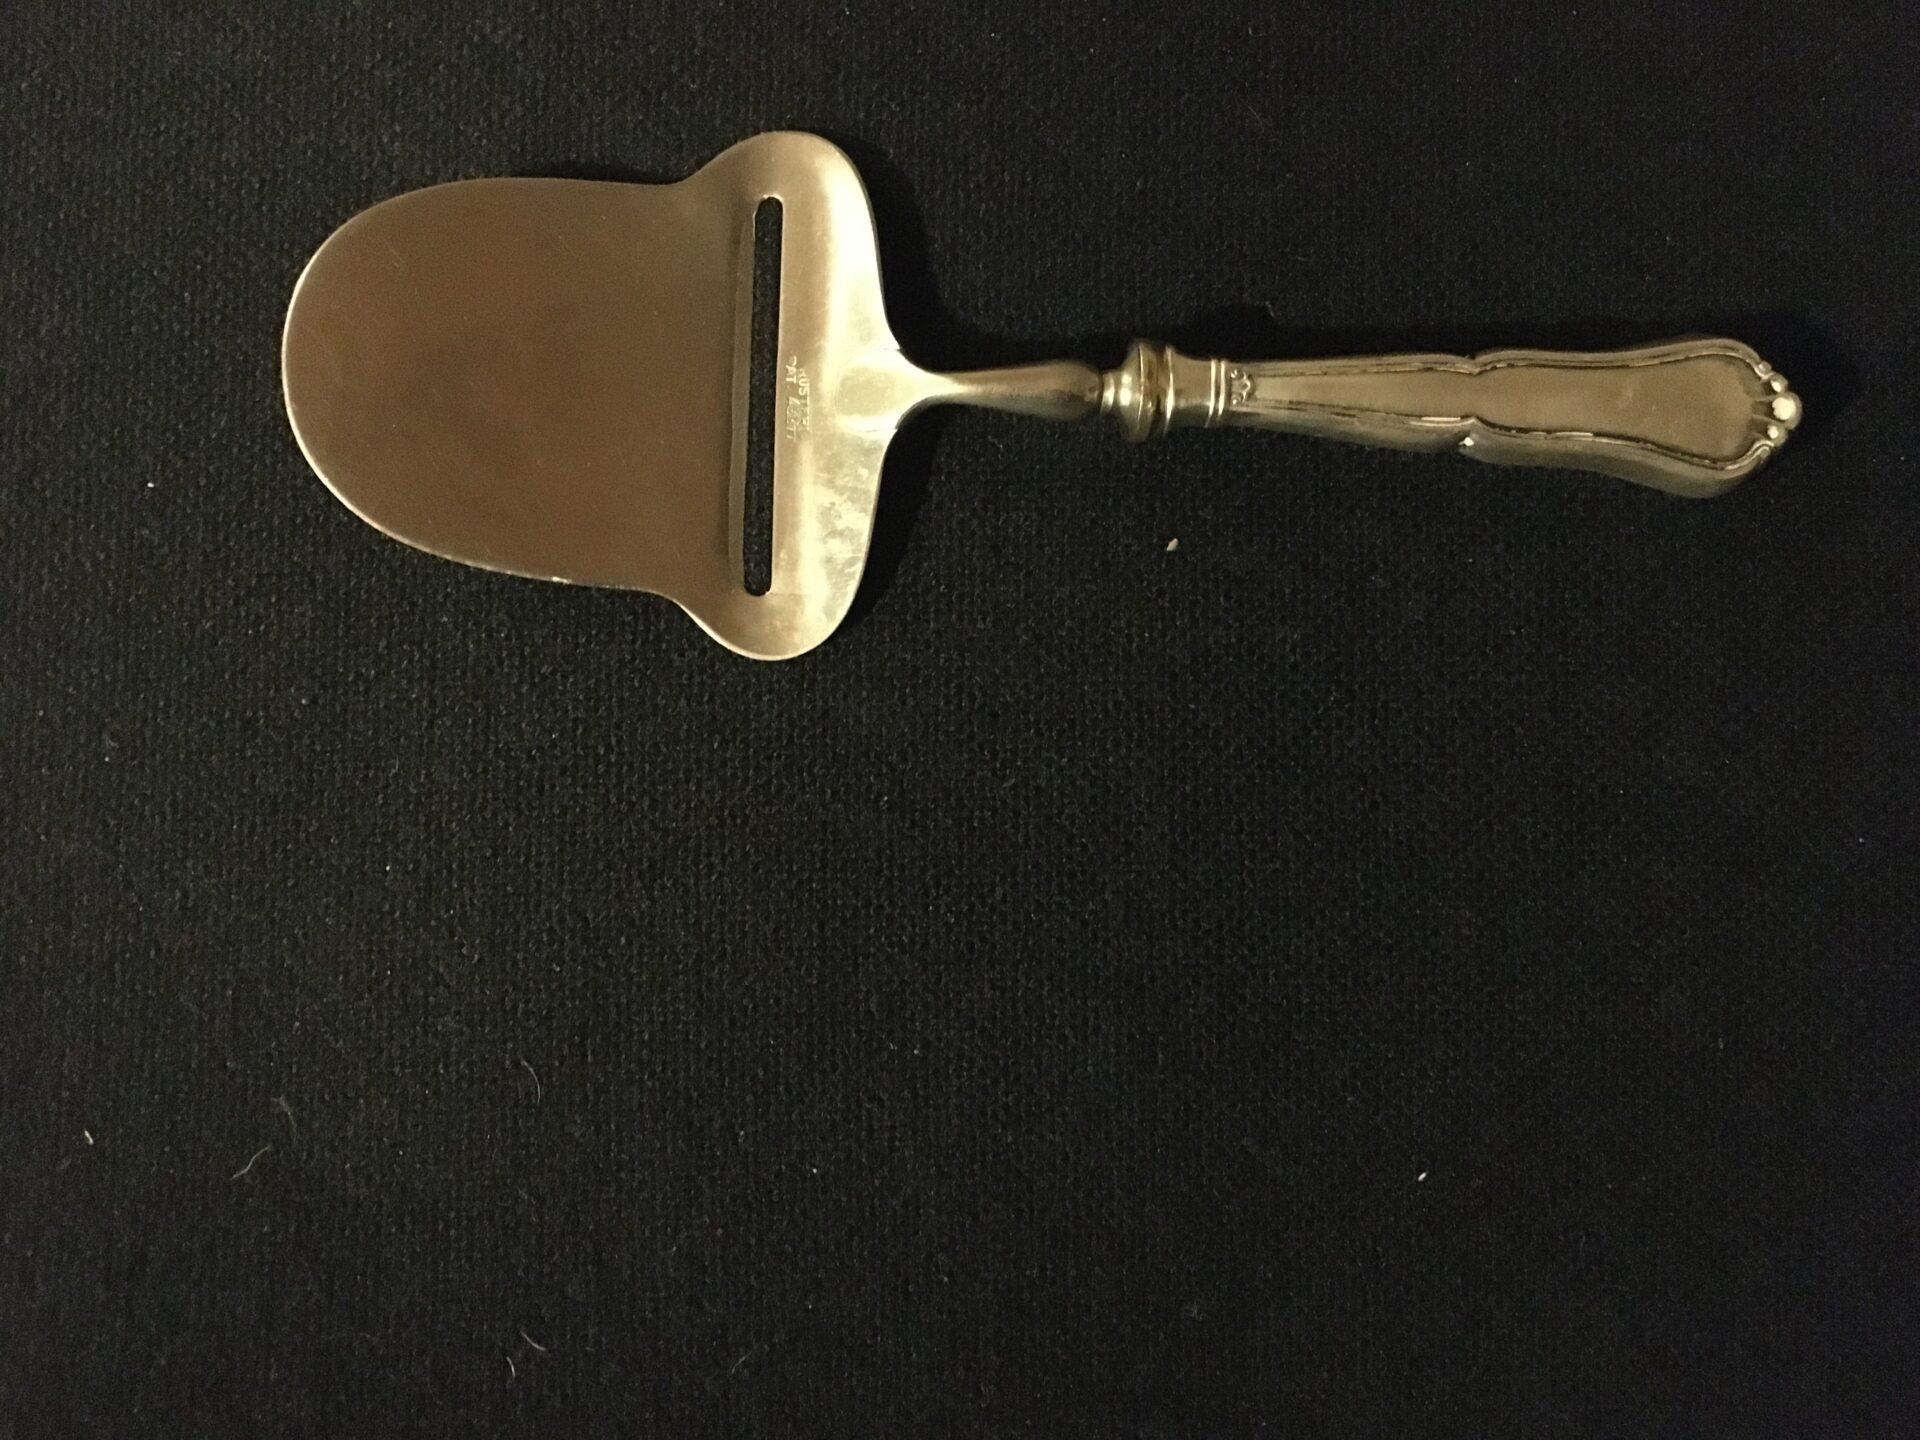 Rita, ostehøvl, 3-tårnet sølv, pris 250 kr